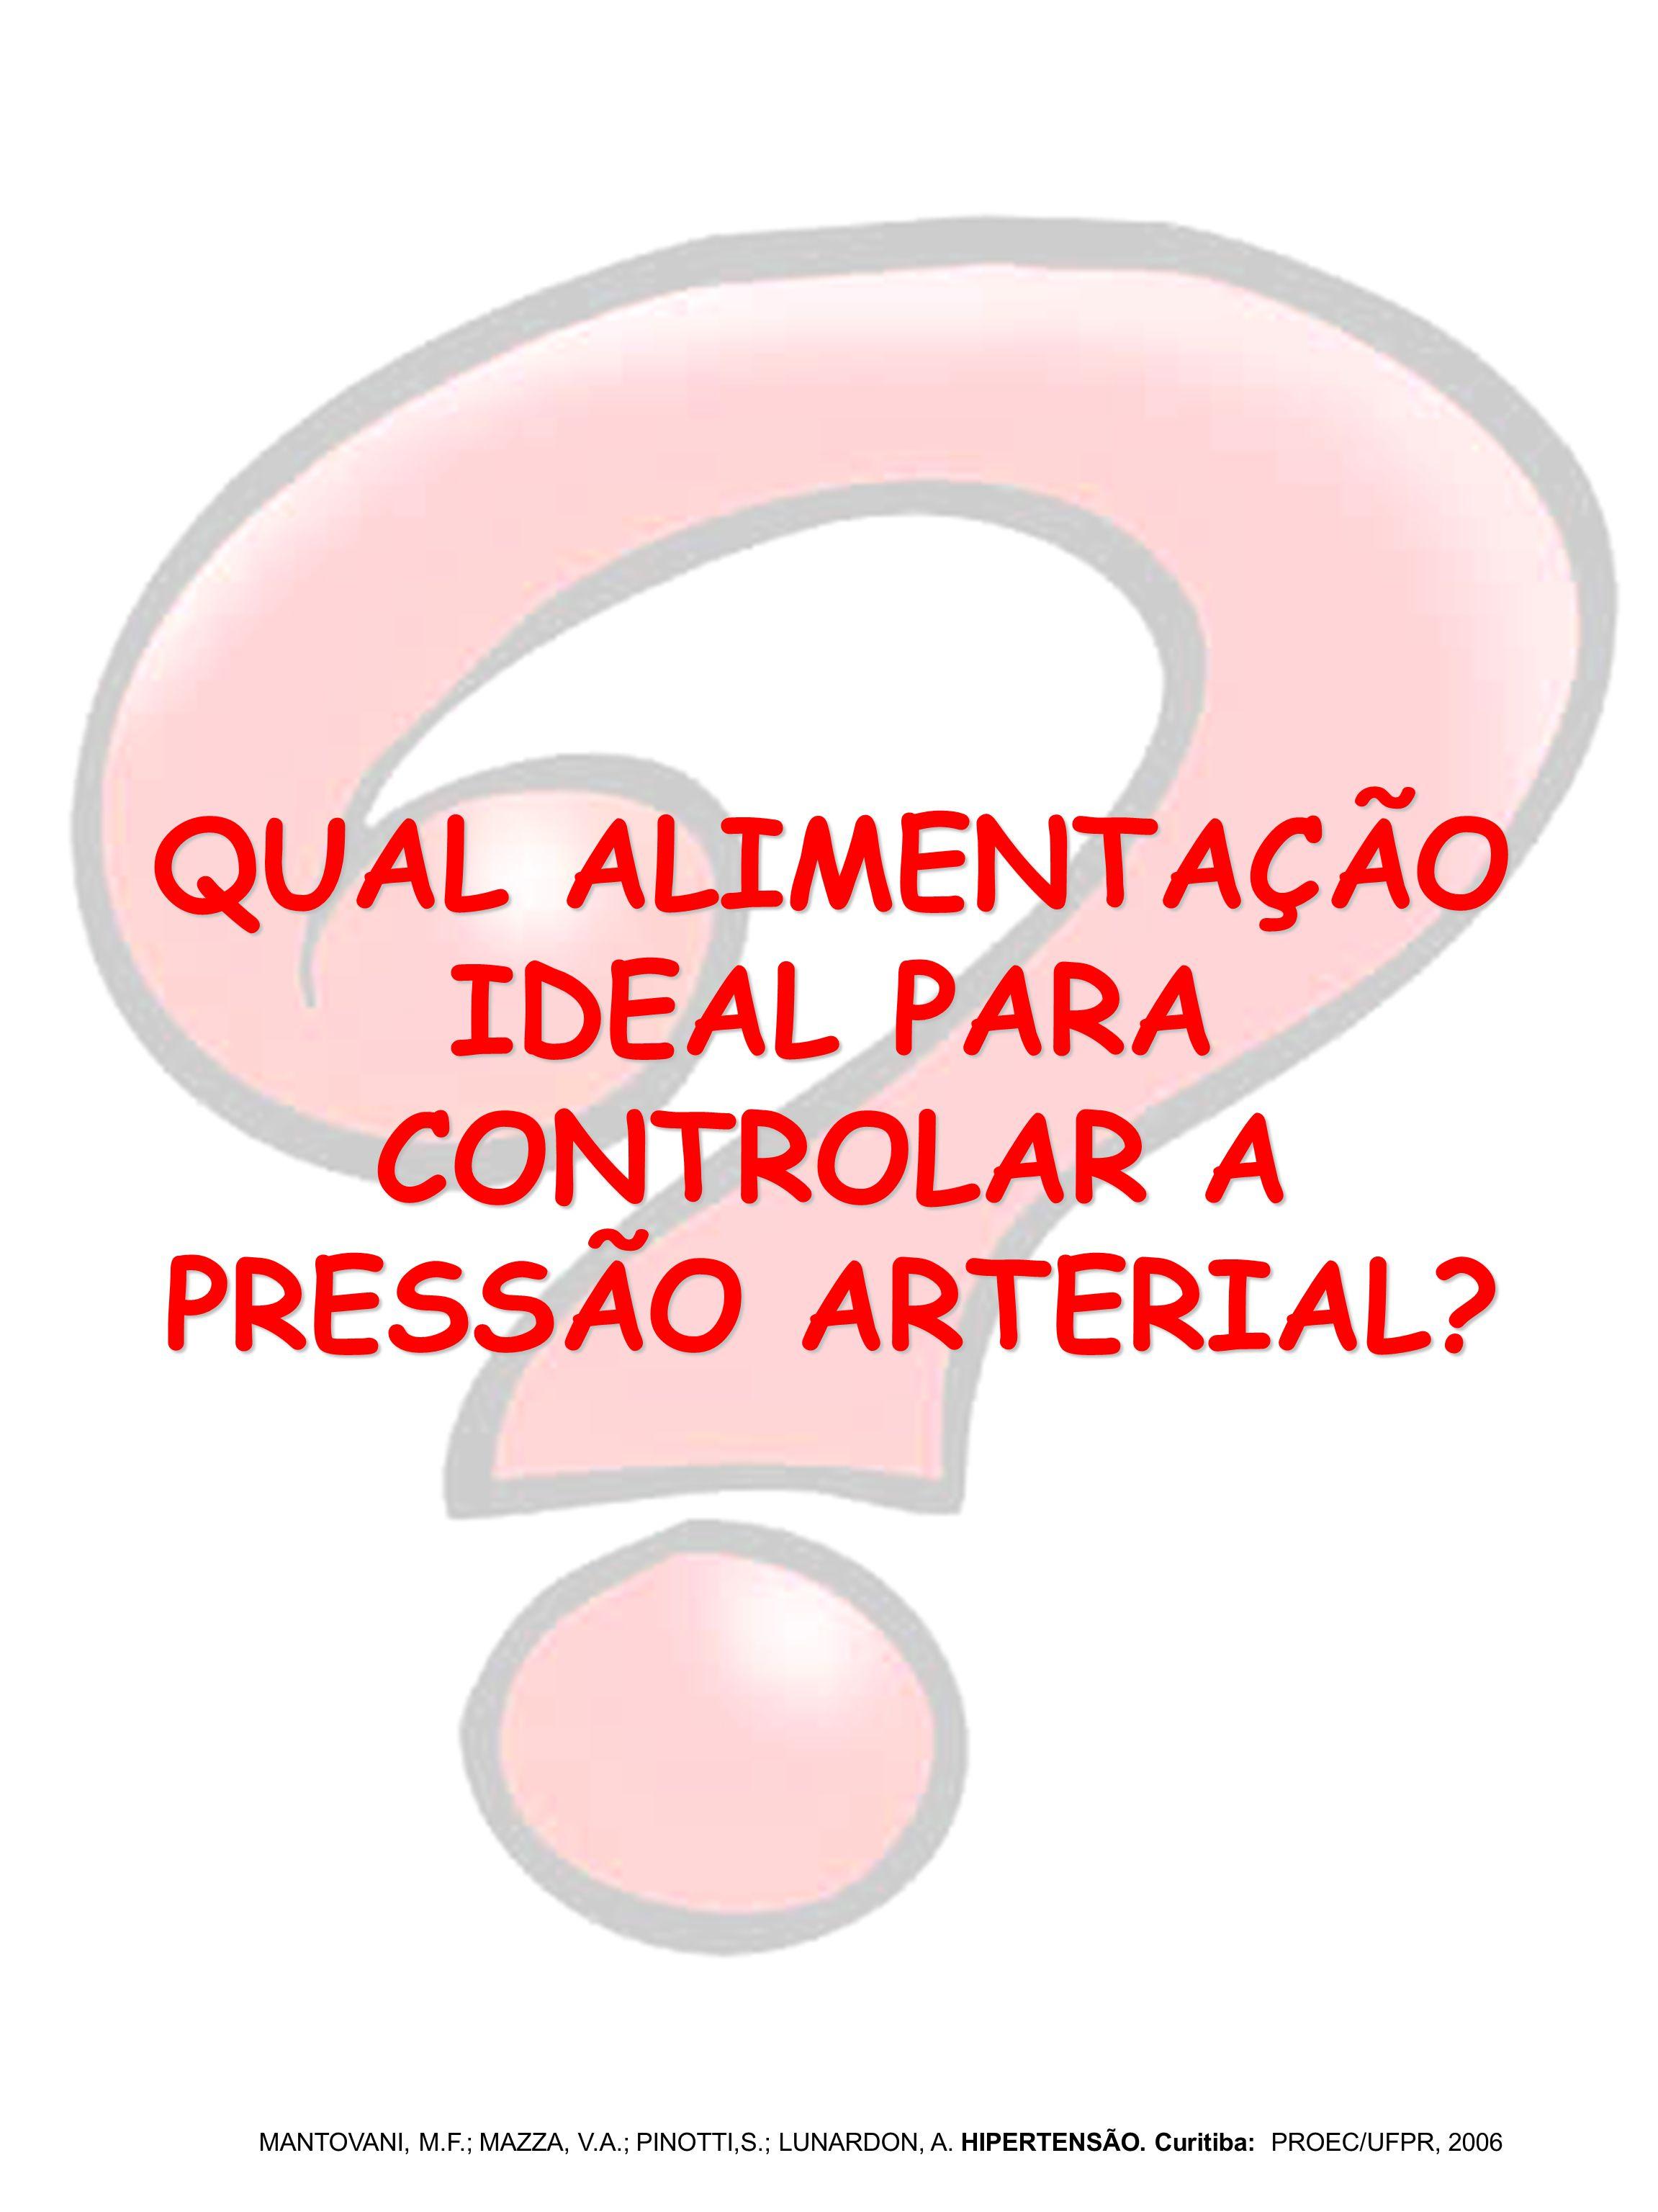 QUAL ALIMENTAÇÃO IDEAL PARA CONTROLAR A PRESSÃO ARTERIAL